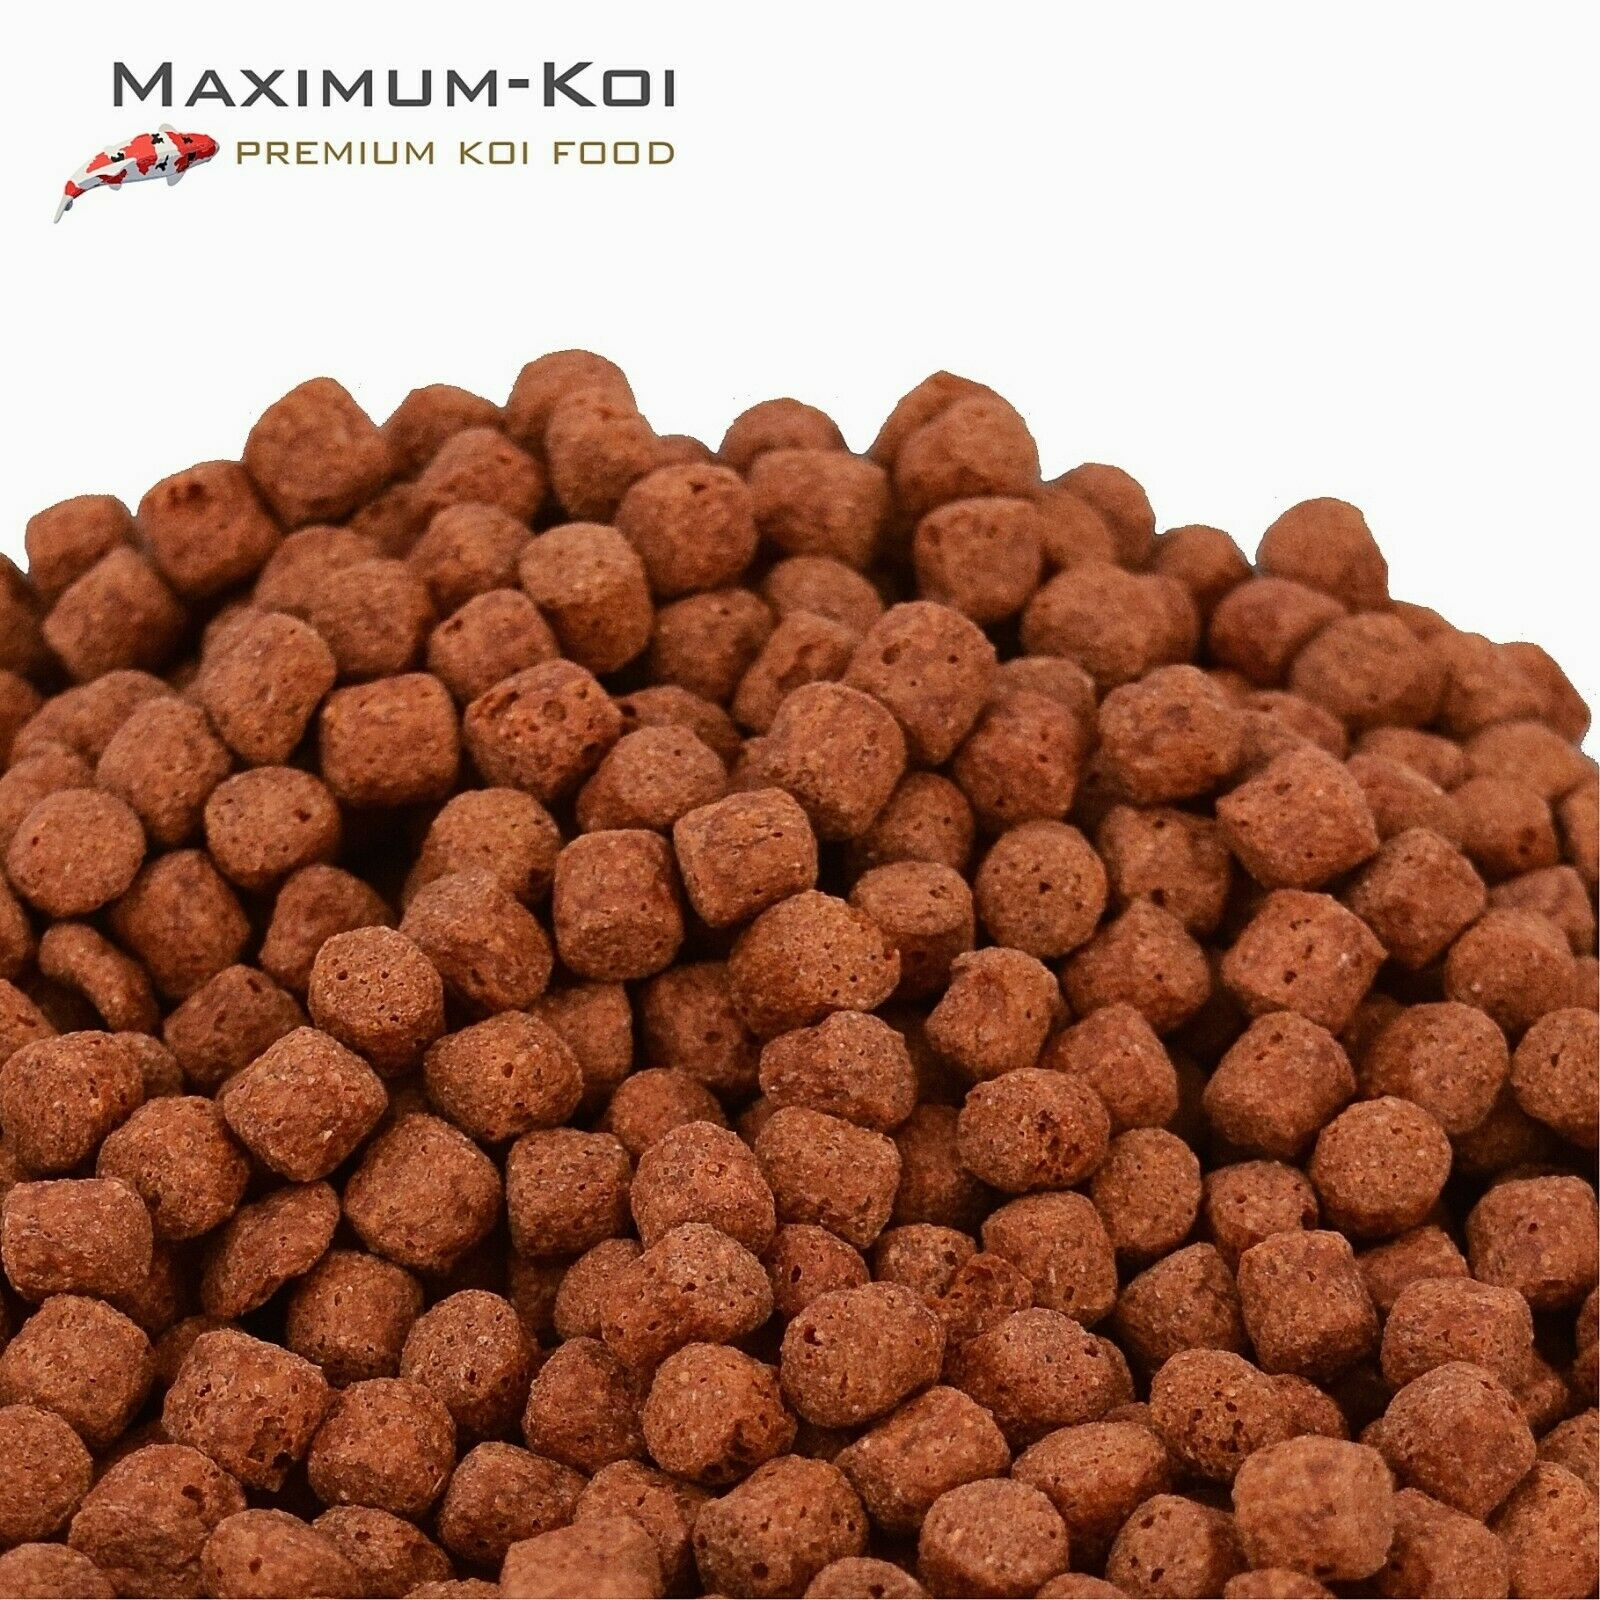 Koifutter Astax Grower 15 kg   Pelletgröße 6 mm   Wachstum & Farbe, 47 % Protein